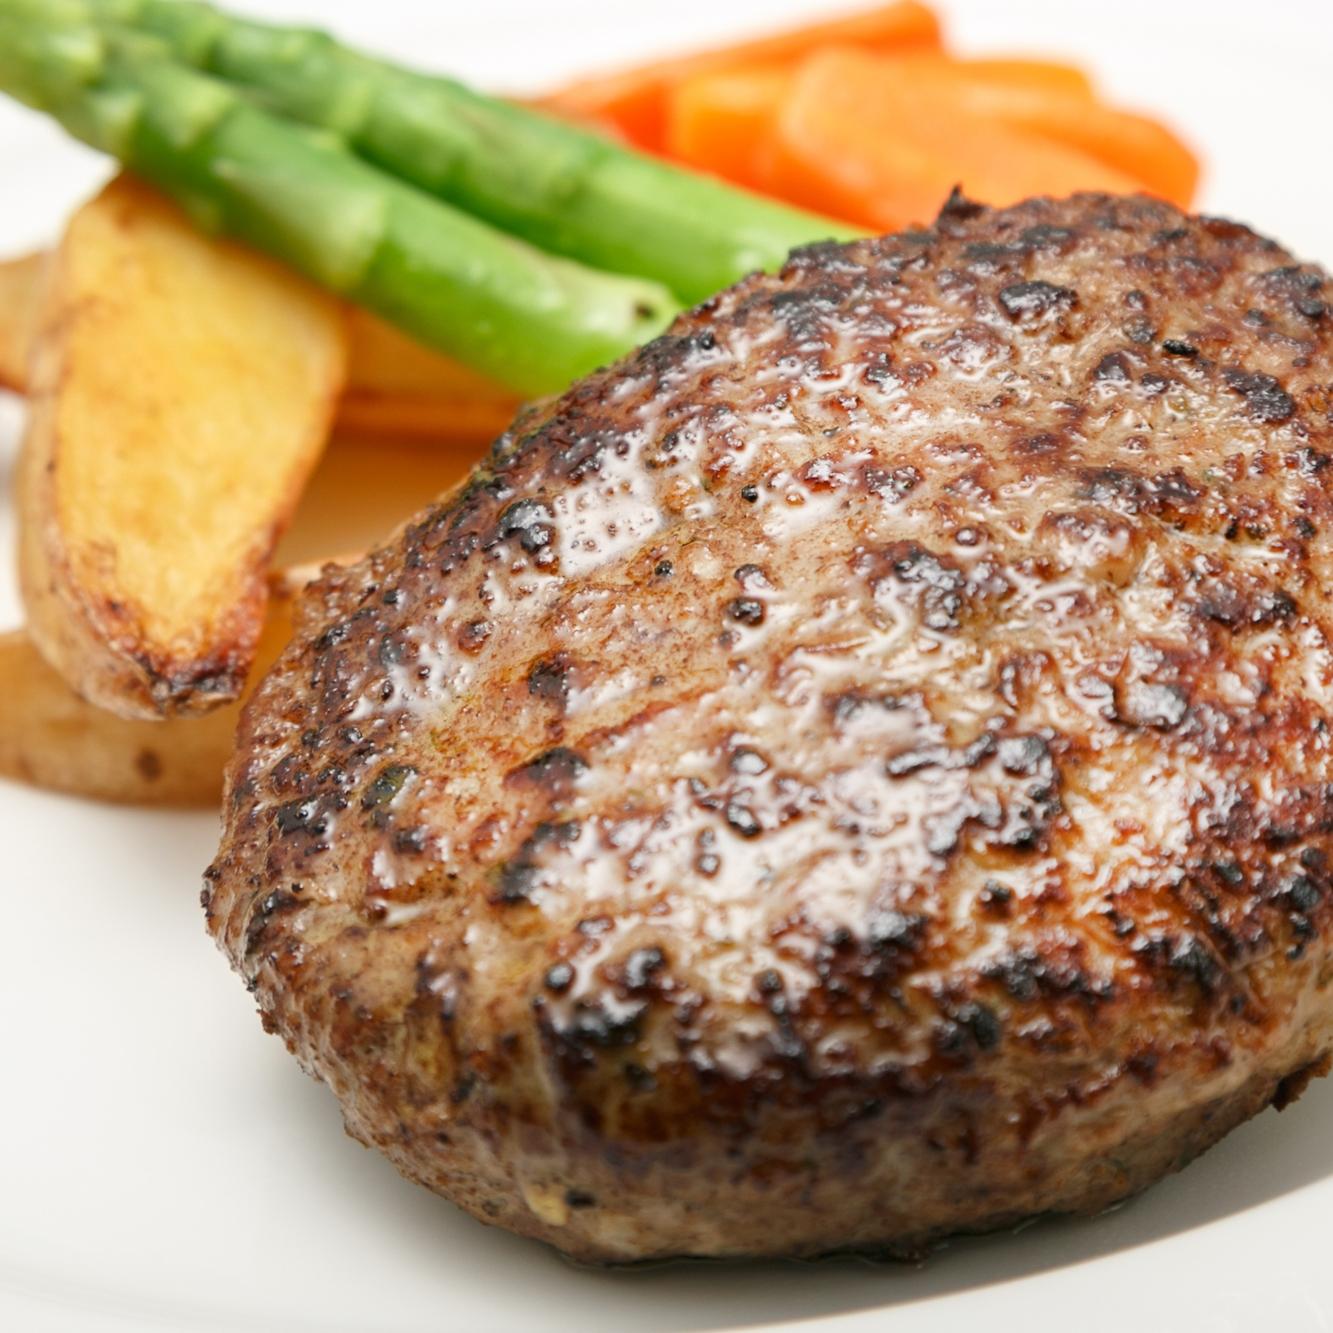 ラ・ベットラ・ダ・オチアイ 落合務監修 香味野菜と牛肉のハンバーグ6個